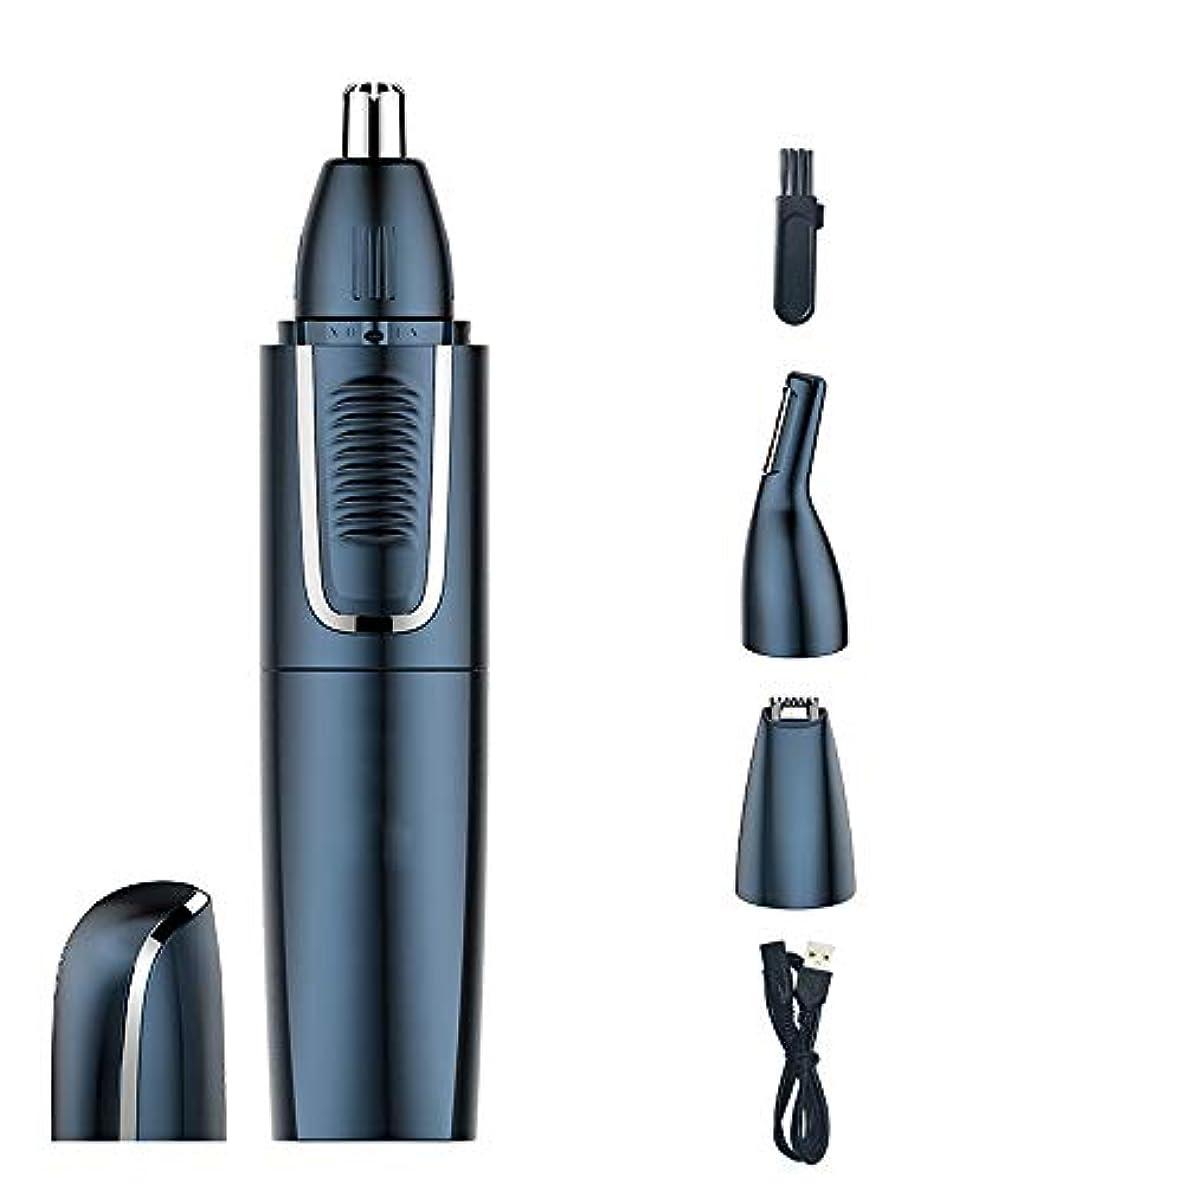 鼻毛トリマー-安全マニュアルステンレススチールメンズラウンドヘッドハサミ/多機能鼻毛トリマー/ 360°垂直ネットカッターヘッド/高さ135mm お手入れが簡単